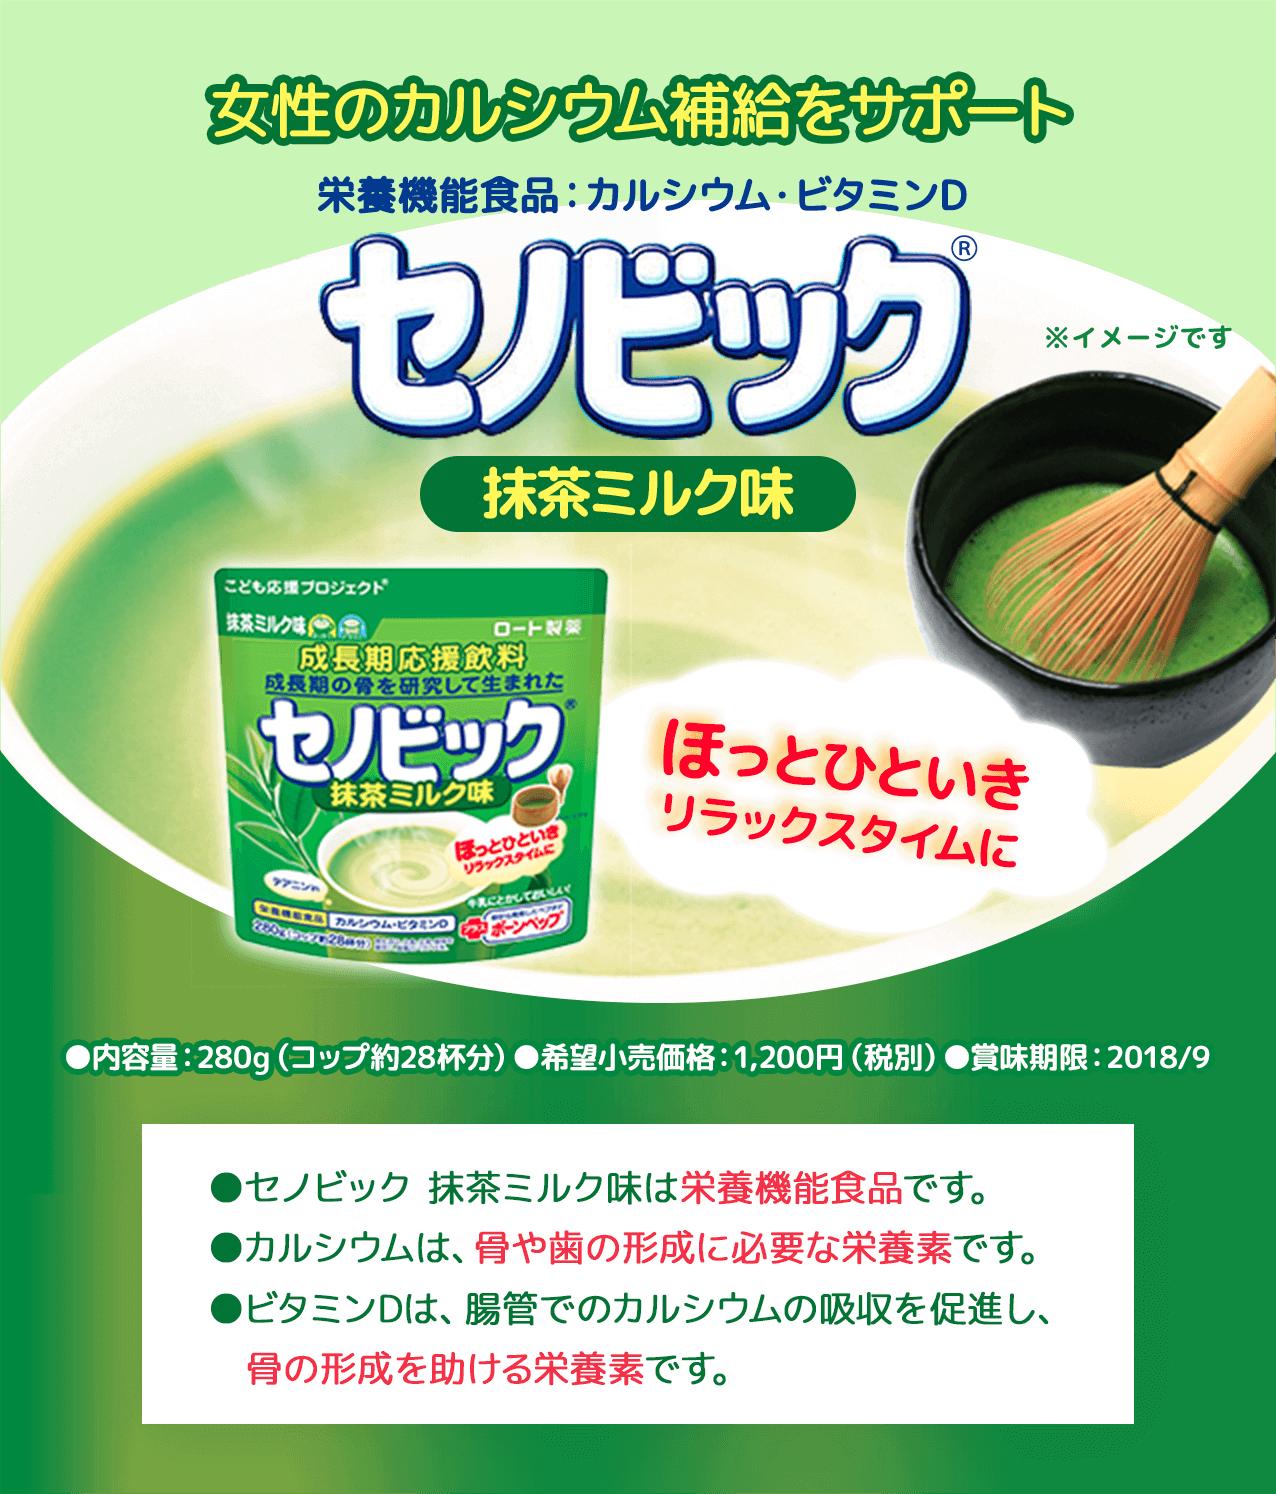 女性のカルシウム補給をサポート 栄養機能食品:カルシウム・ビタミンD セノビック%reg; 抹茶ミルク味 ※イメージです ほっとひといきリラックスタイムに ●内容量:280g(コップ約28杯分)●希望小売価格:1,200円(税別)●賞味期限:2018/9 ●セノビック 抹茶ミルク味は栄養機能食品です。 ●カルシウムは、骨や歯の形成に必要な栄養素です。●ビタミンDは、腸管でのカルシウムの吸収を促進し、骨の形成を助ける栄養素です。